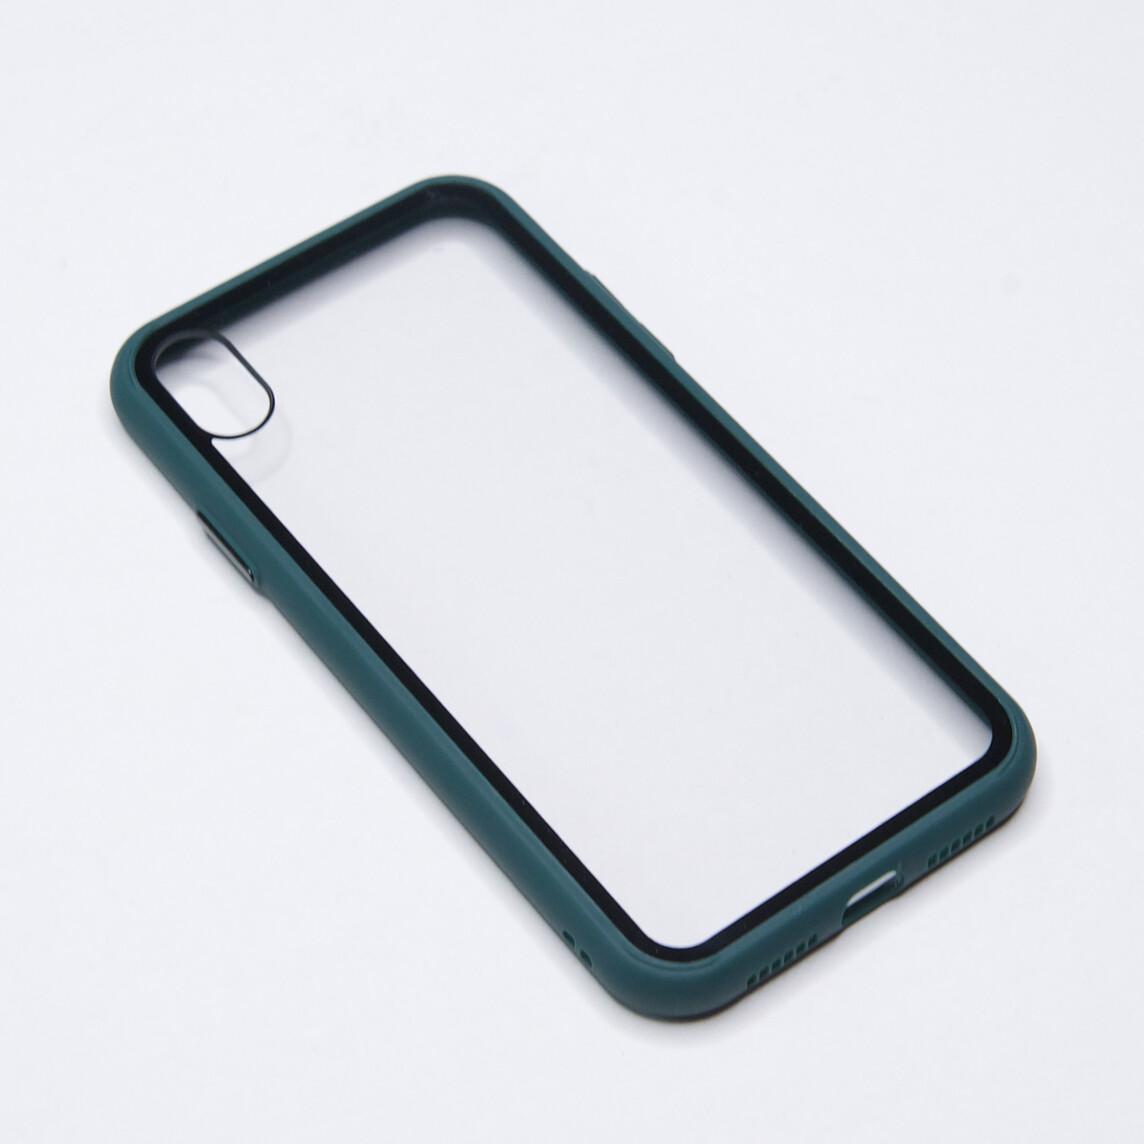 Estuche EL REY Marco De Color Verde Y Parte De Atras Transparente - Iphone Xs Max